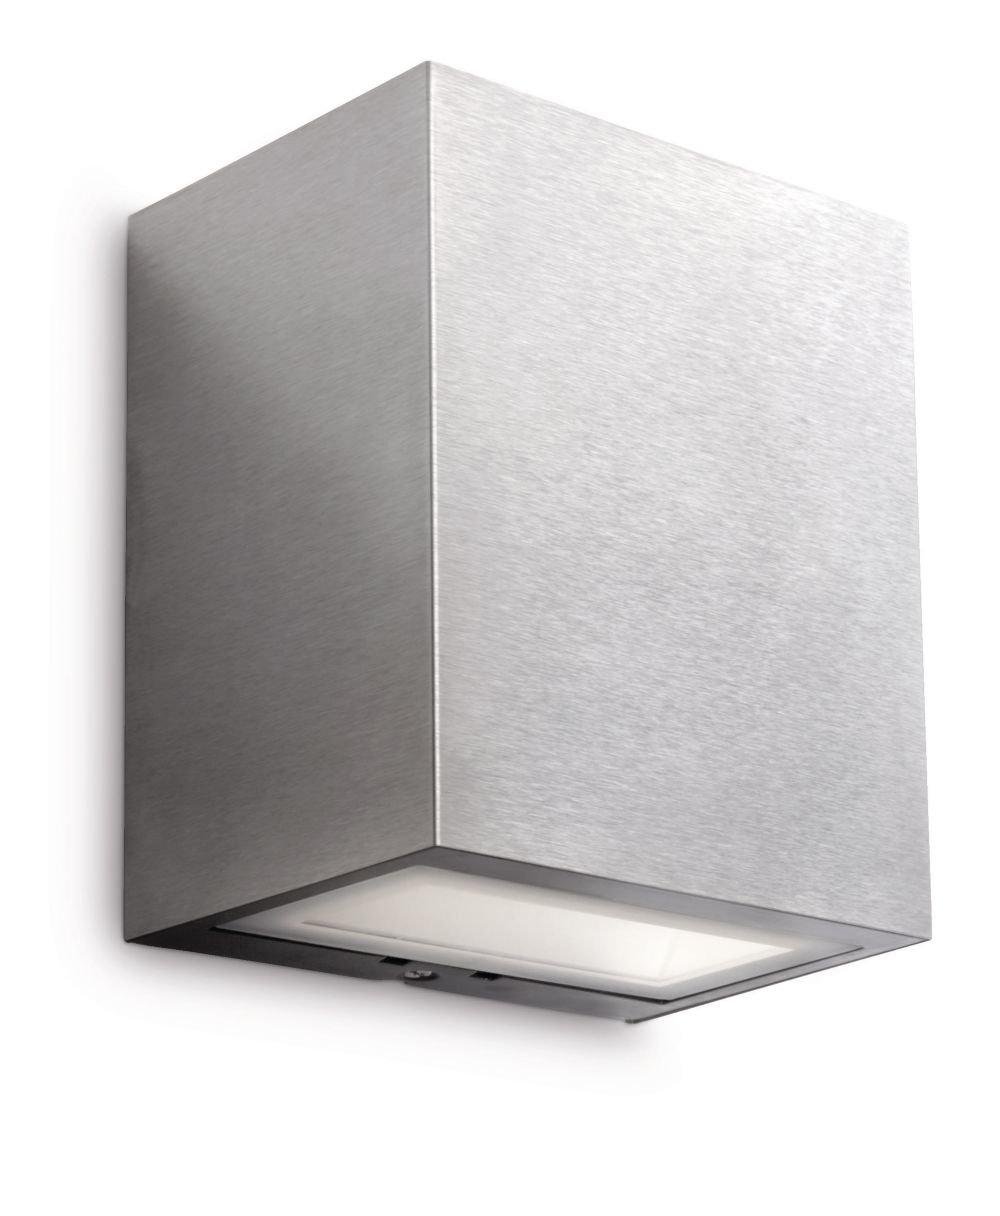 PHILIPS Ledino in myGarden, Wandleuchte Flagstone mit 3x1W, inklusive LEDLeuchtmittel, 1flammig 172094716   Überprüfung und weitere Informationen